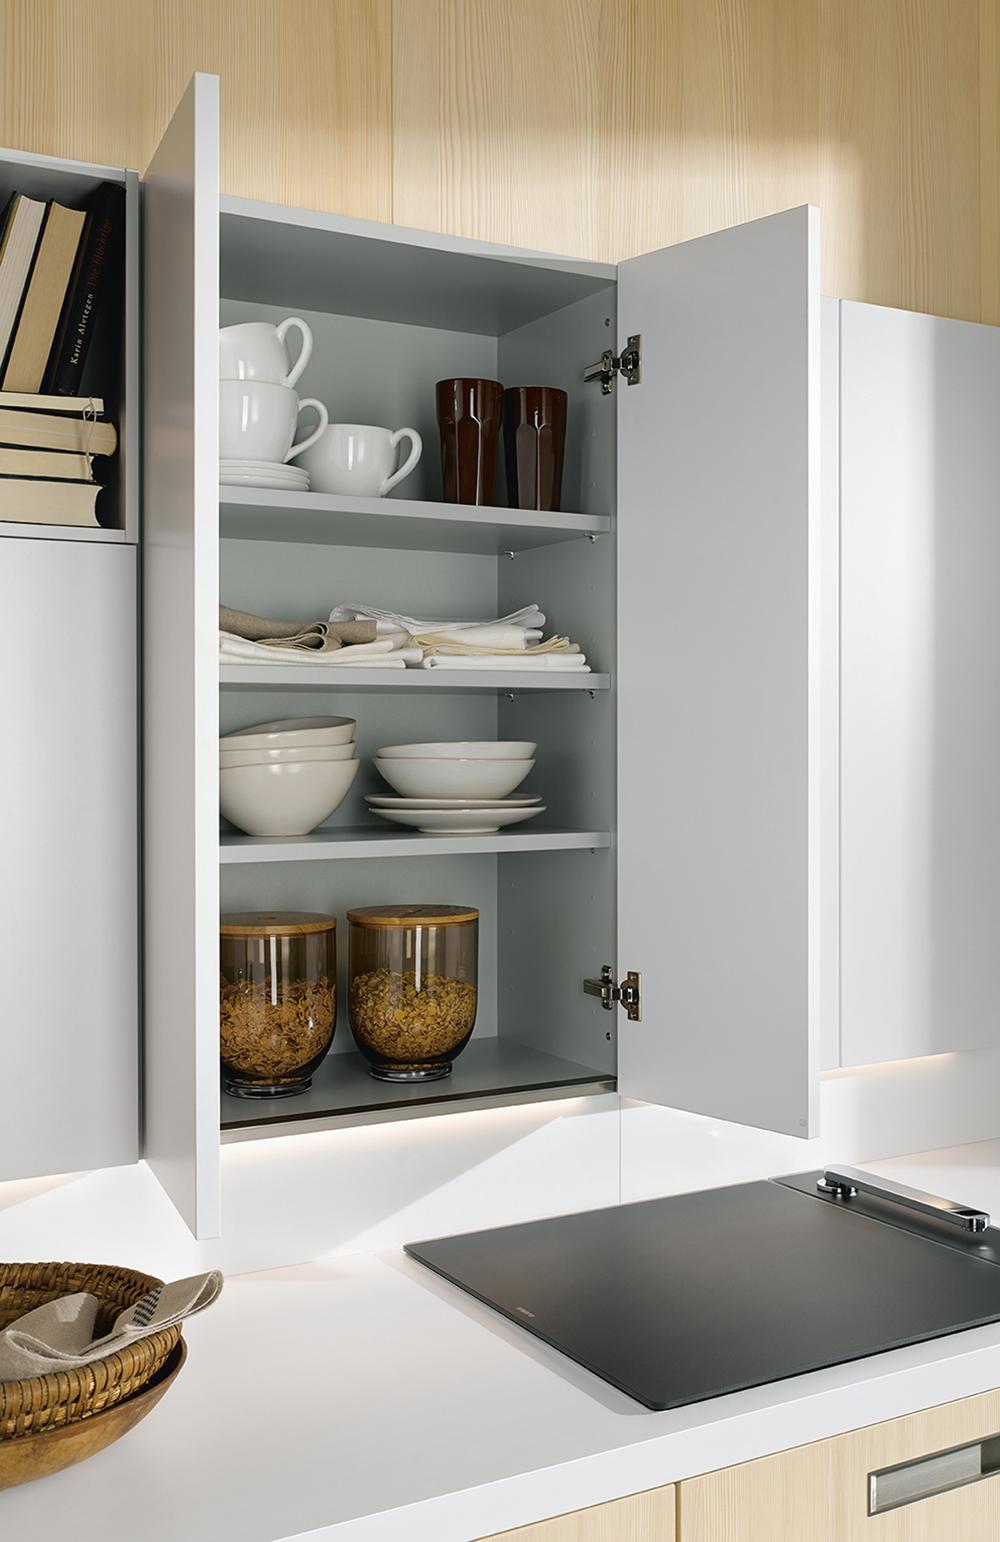 Meubles pour cuisine aménagée intégrée blanche moderne contemporaine